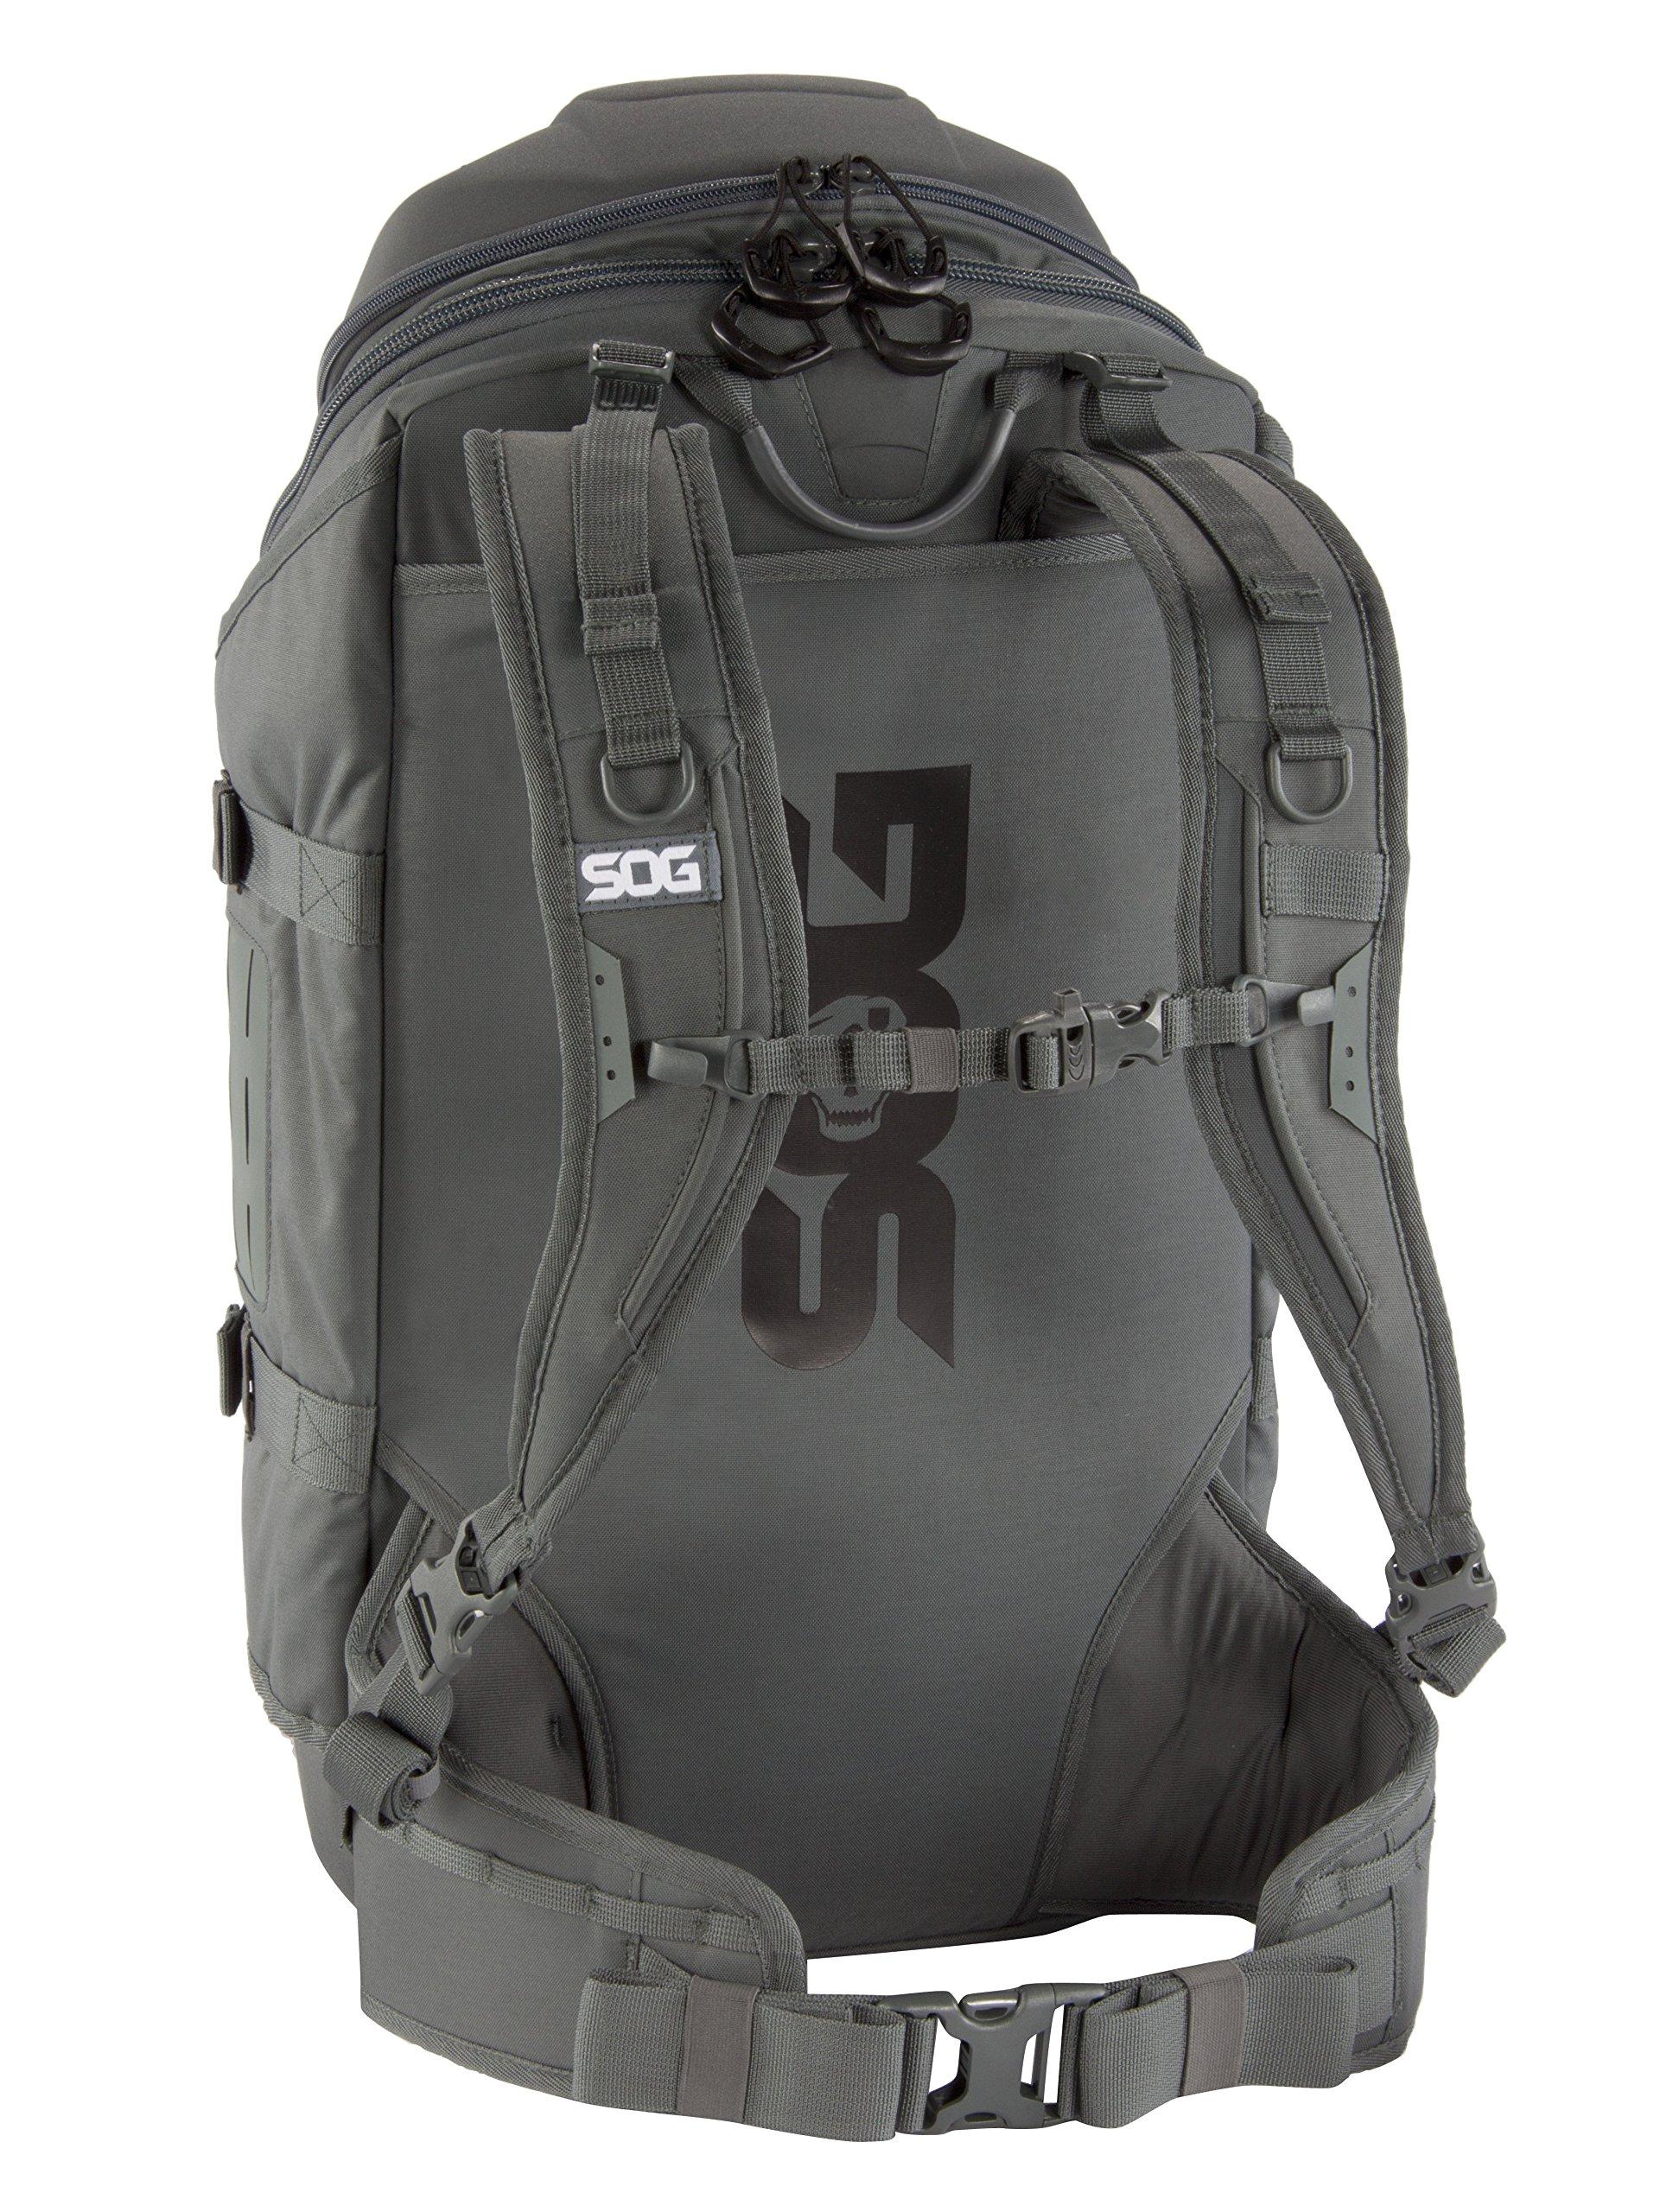 SOG Prophet Backpack CP1005G Grey, 33 L by SOG (Image #2)